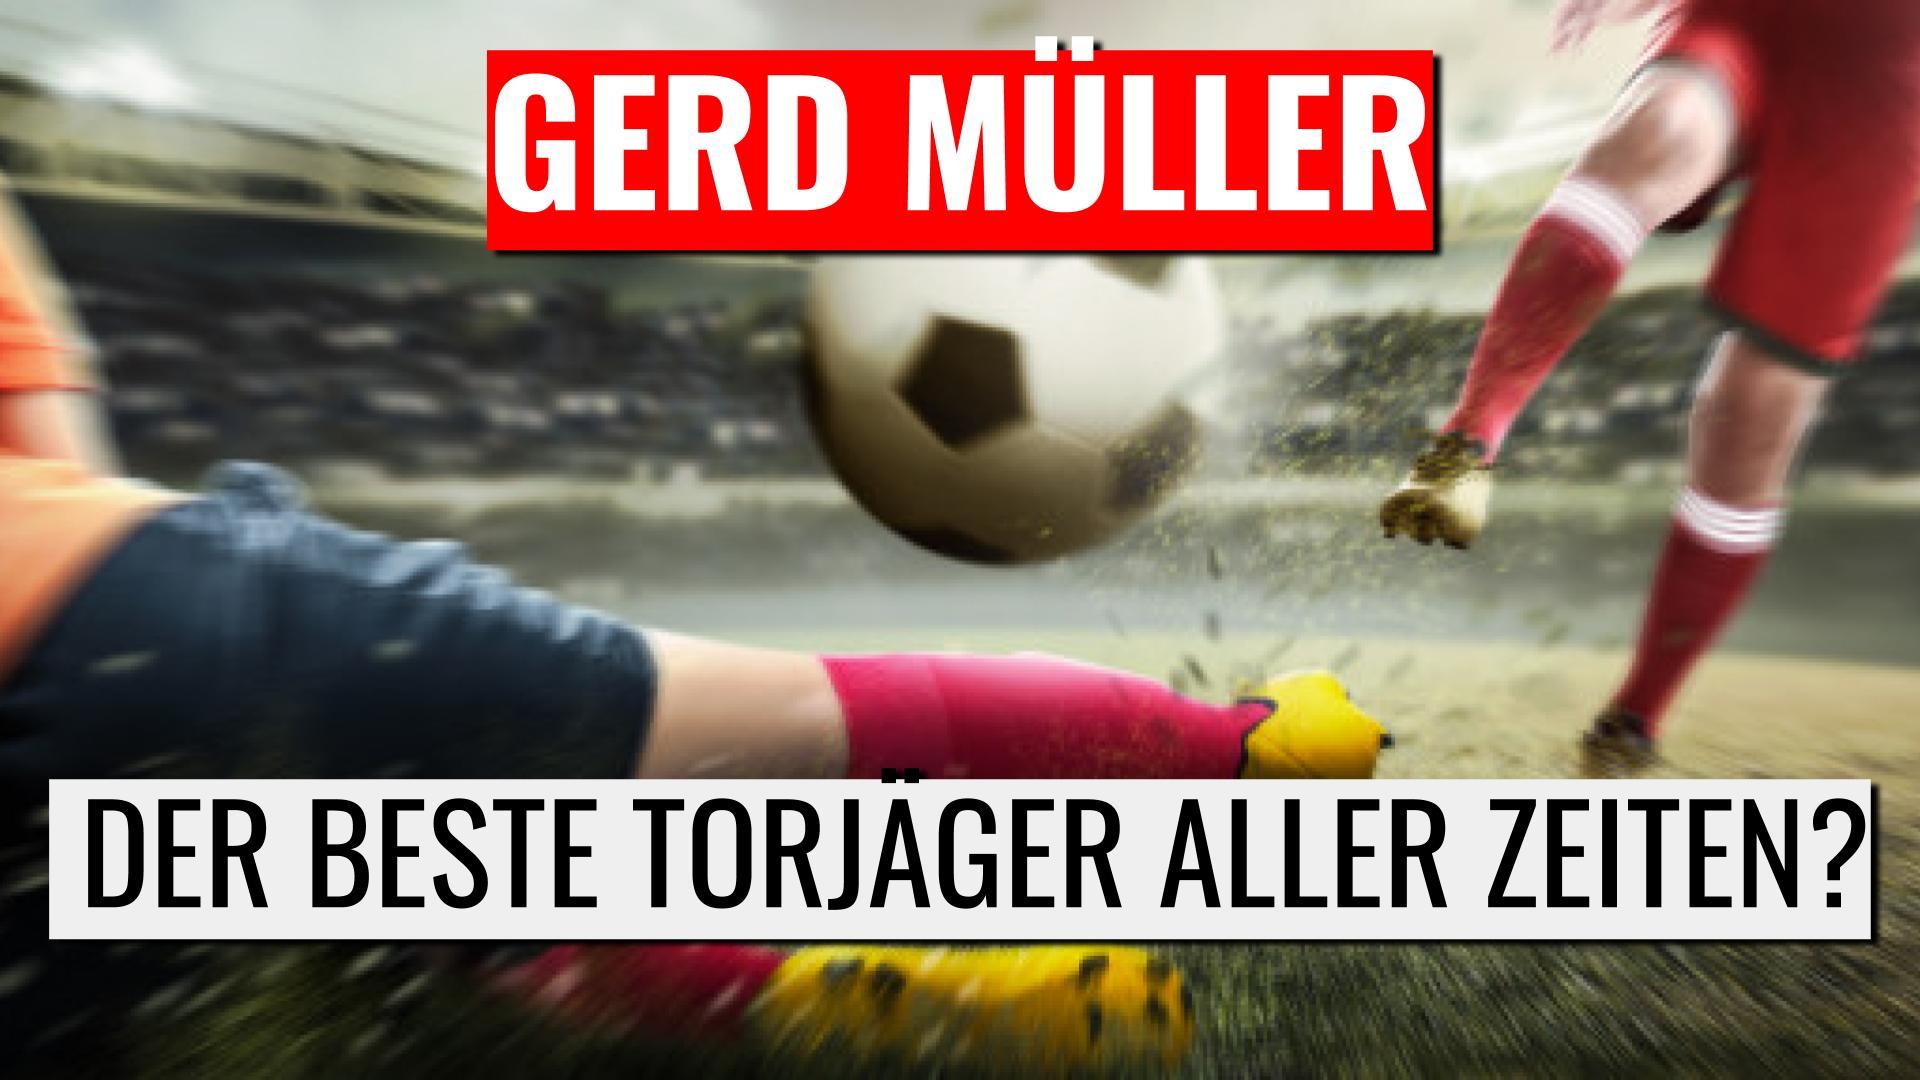 gerd-mueller-bester-torjaeger-aller-zeiten